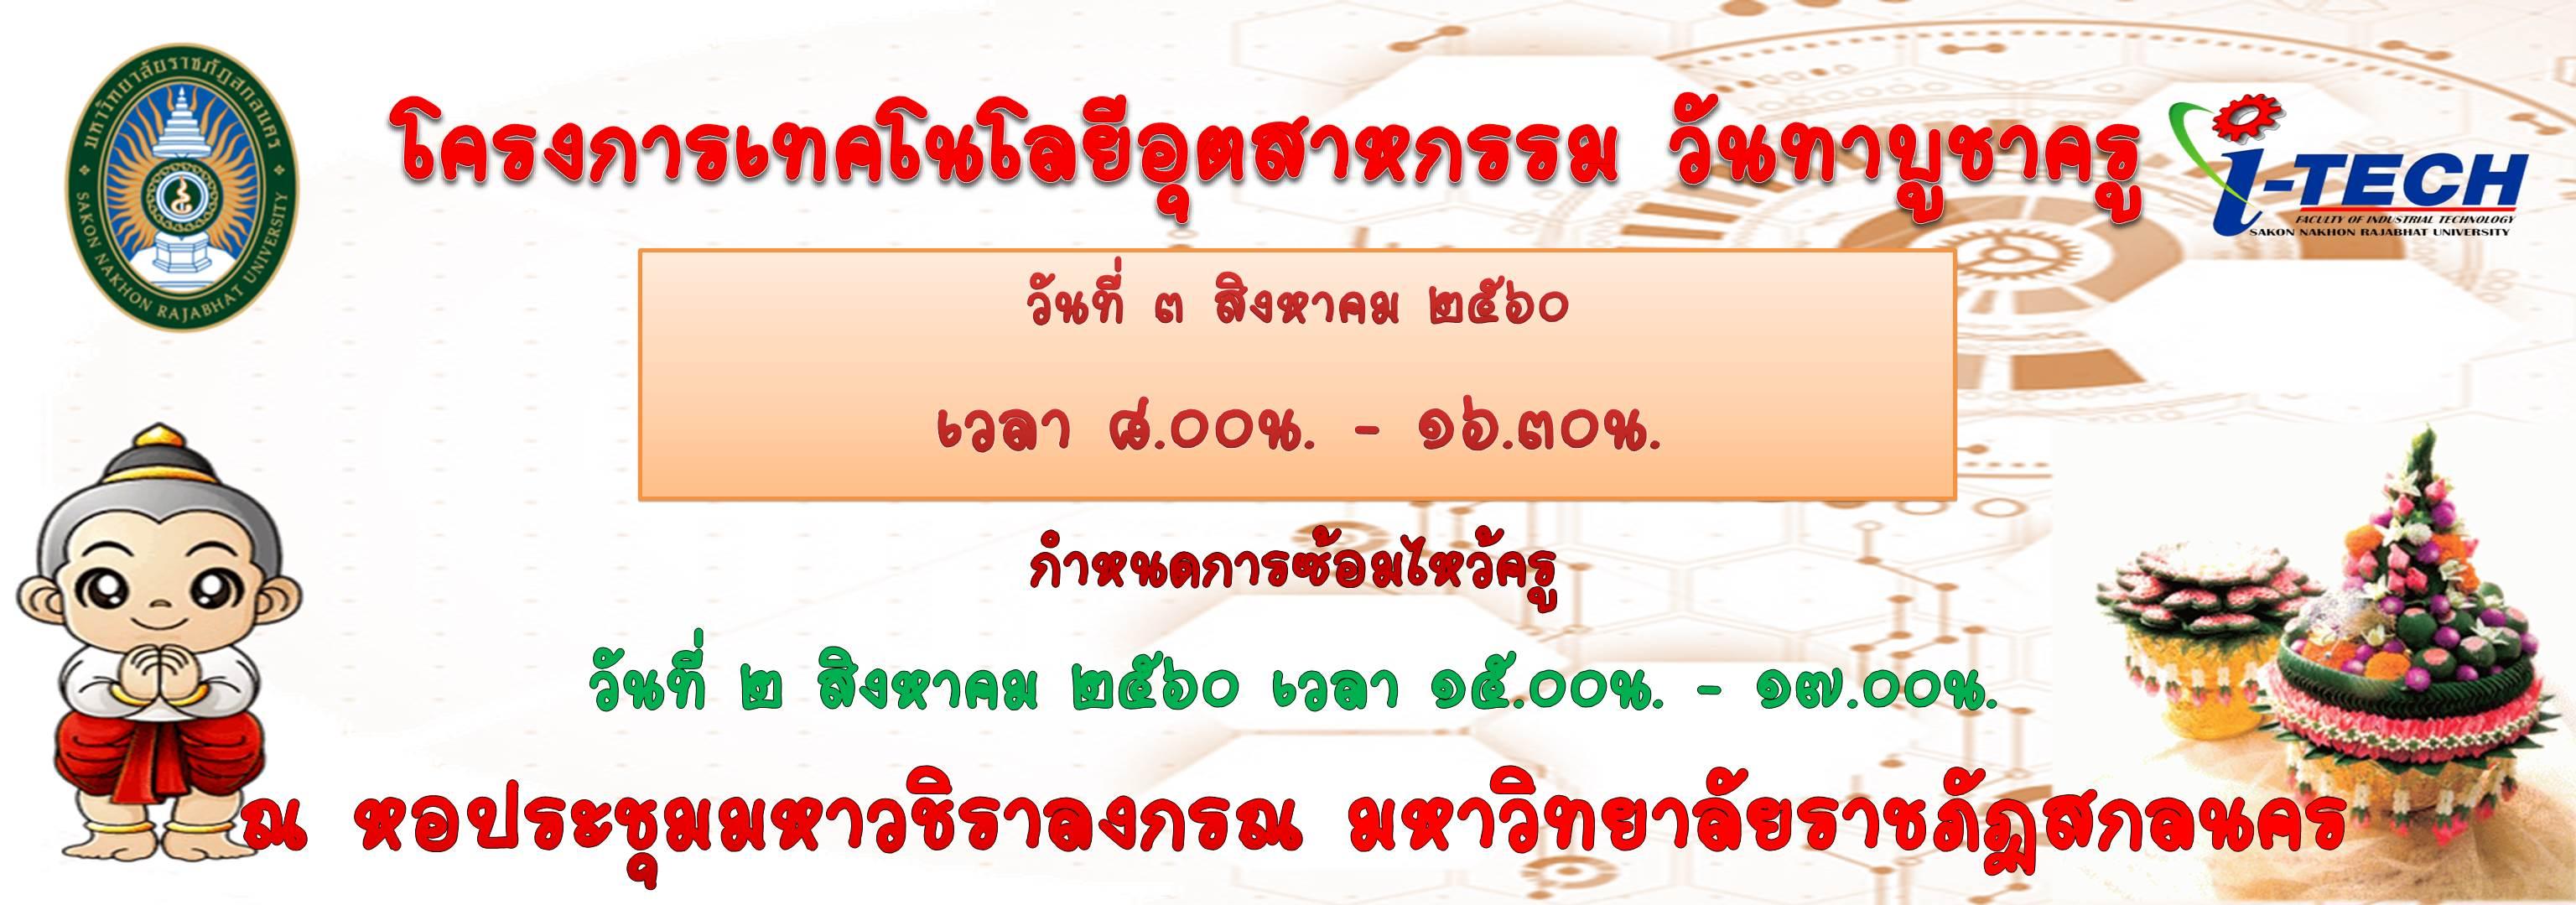 โครงการเทคโนโลยีอุตสาหกรรม วันทาบูชาครู ประจำปีการศึกษา 2560